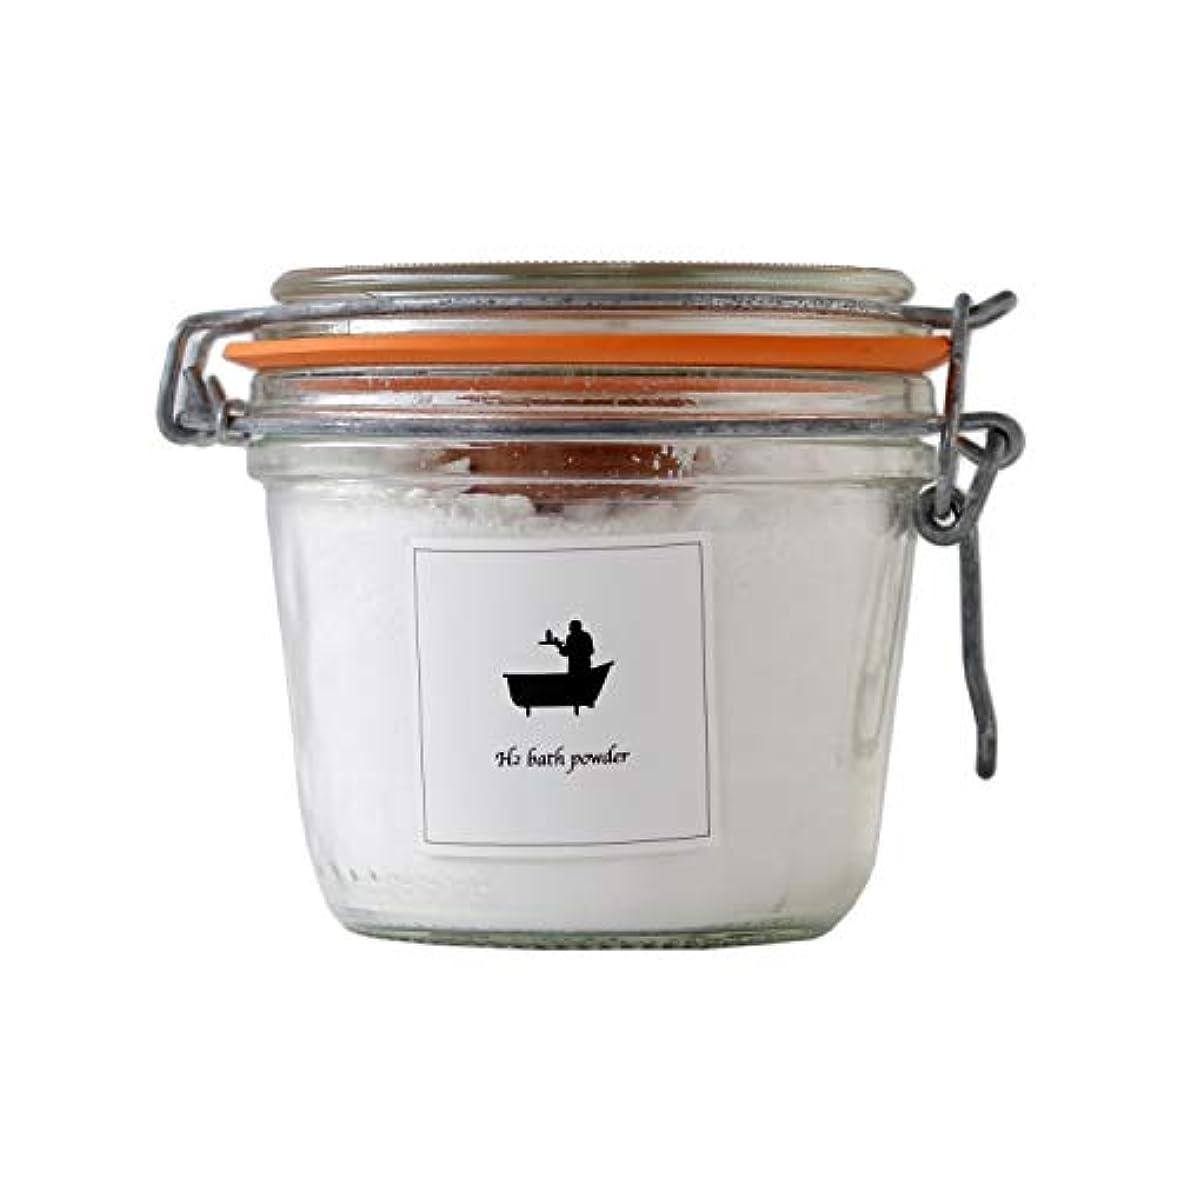 マキシムパンフレット器具水素入浴剤「BATHLIER H2 bath powder」RDモイストバスパウダー/ジャータイプ